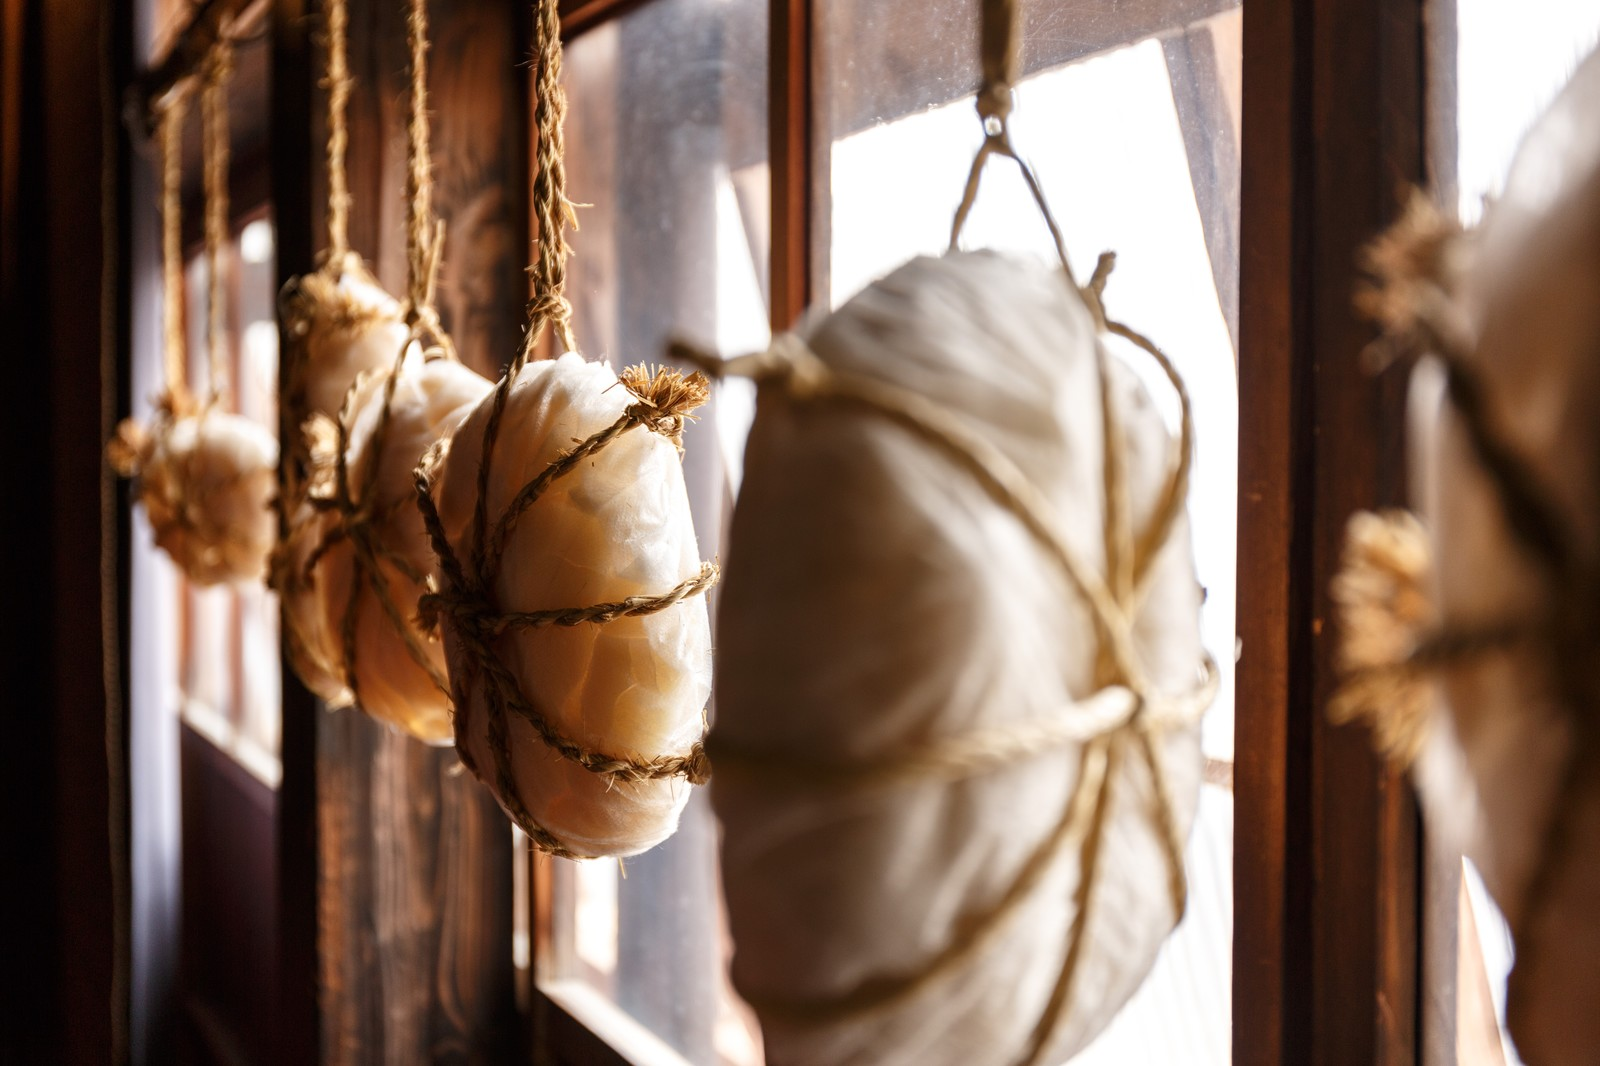 「窓辺に吊り下げられた餅」の写真